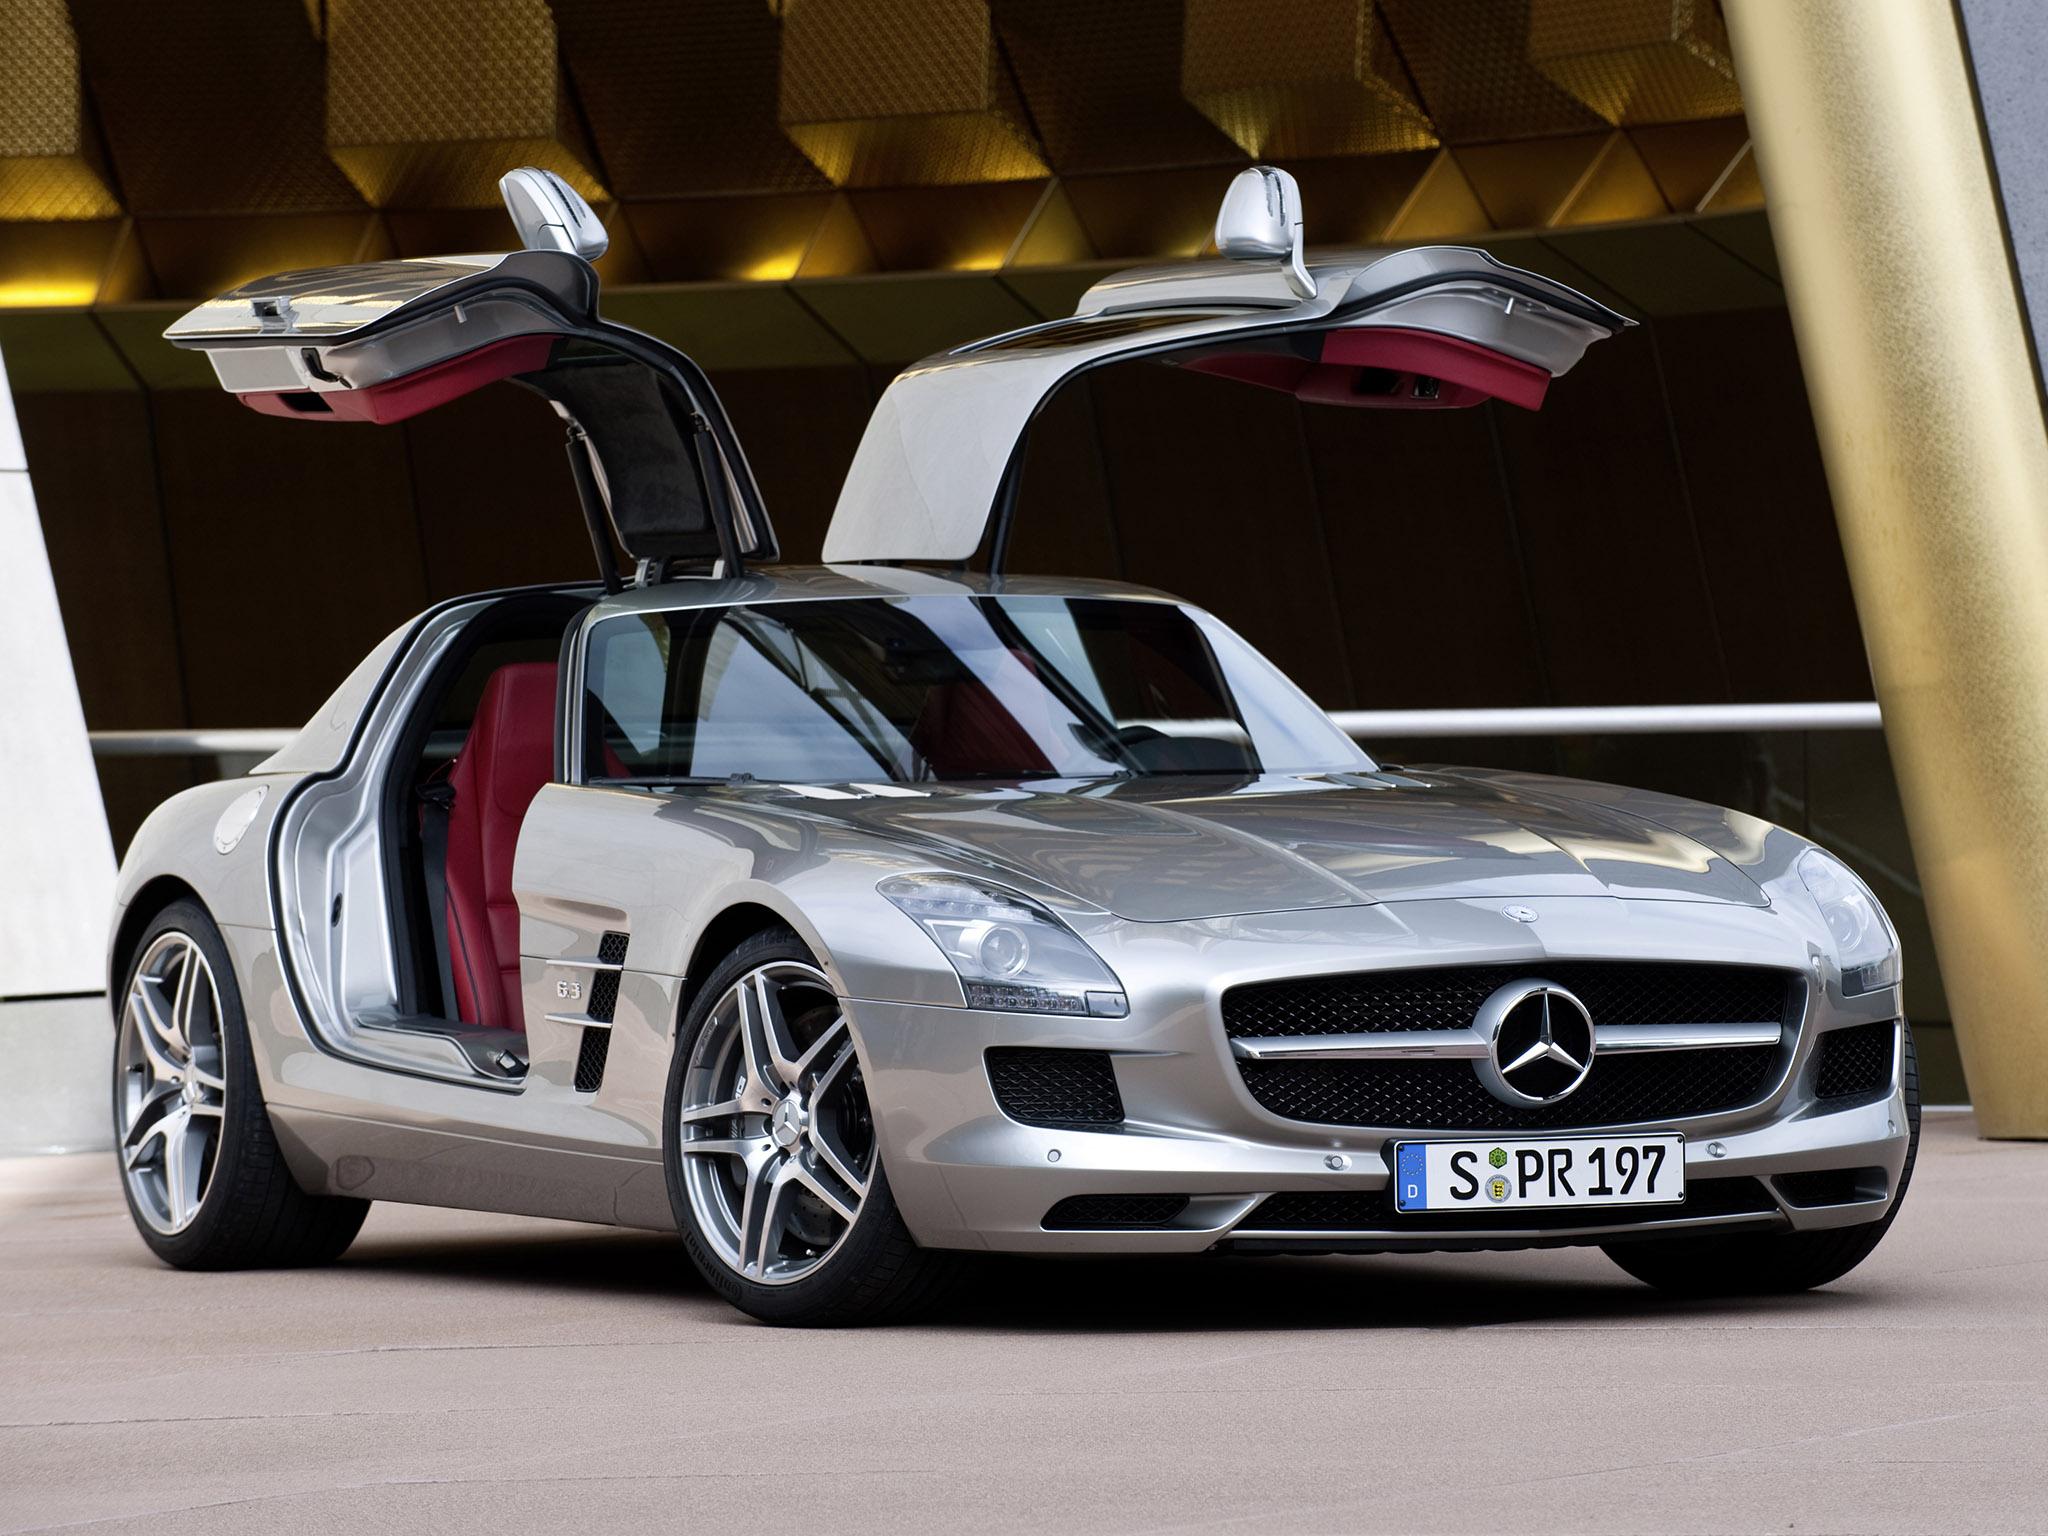 Mercedes-Benz SLS AMG Black Series laptimes, specs, performance ...